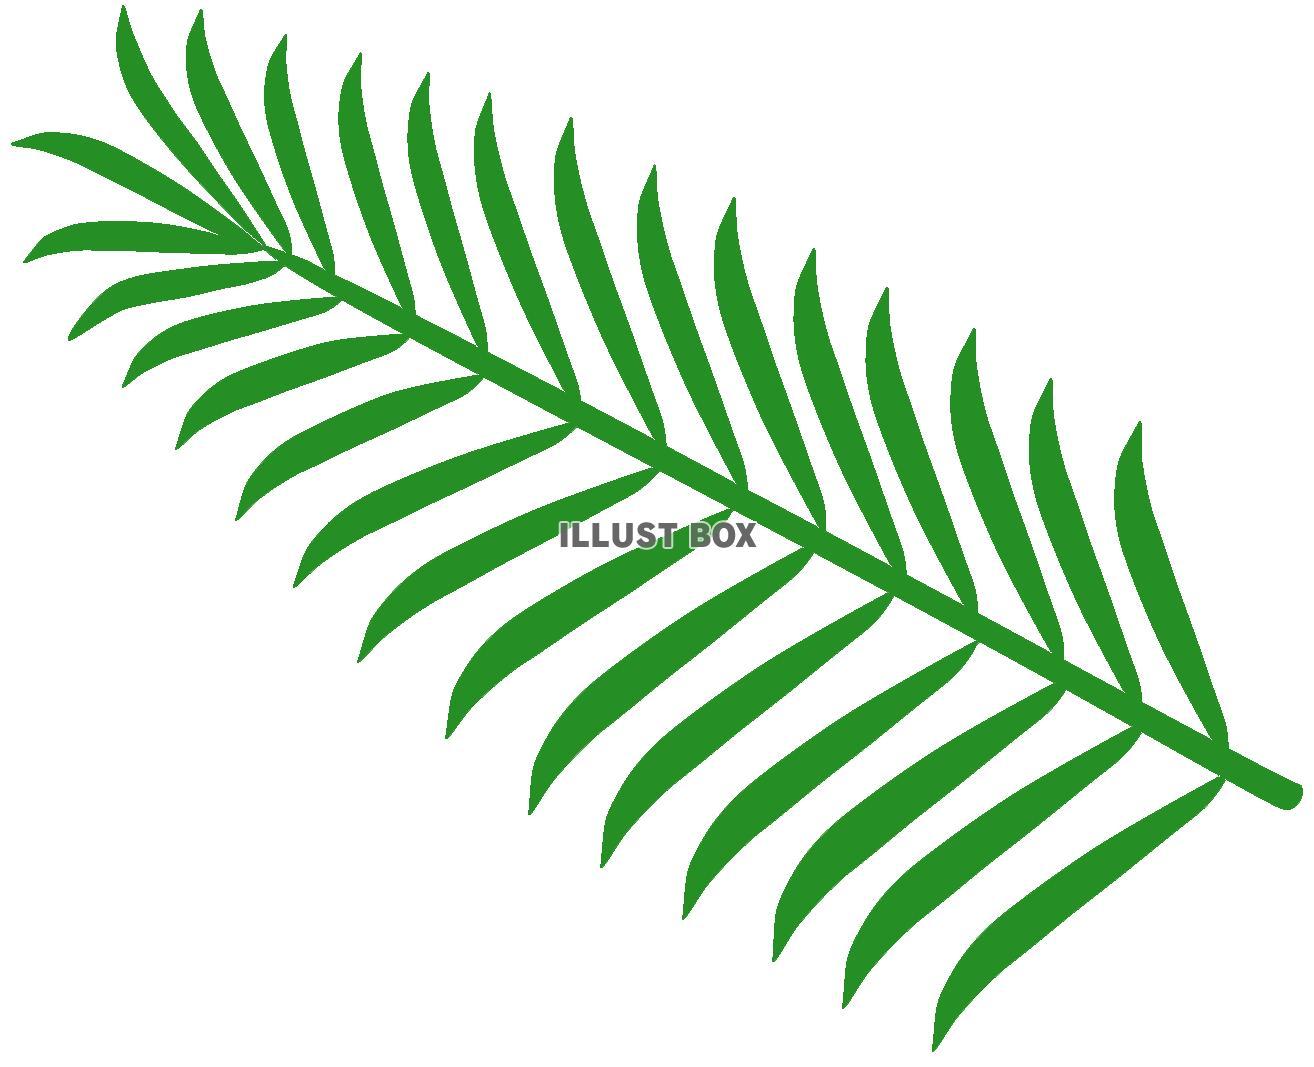 無料イラスト ヤシの木の葉っぱ 1 椰子 やし 果物 夏 南国